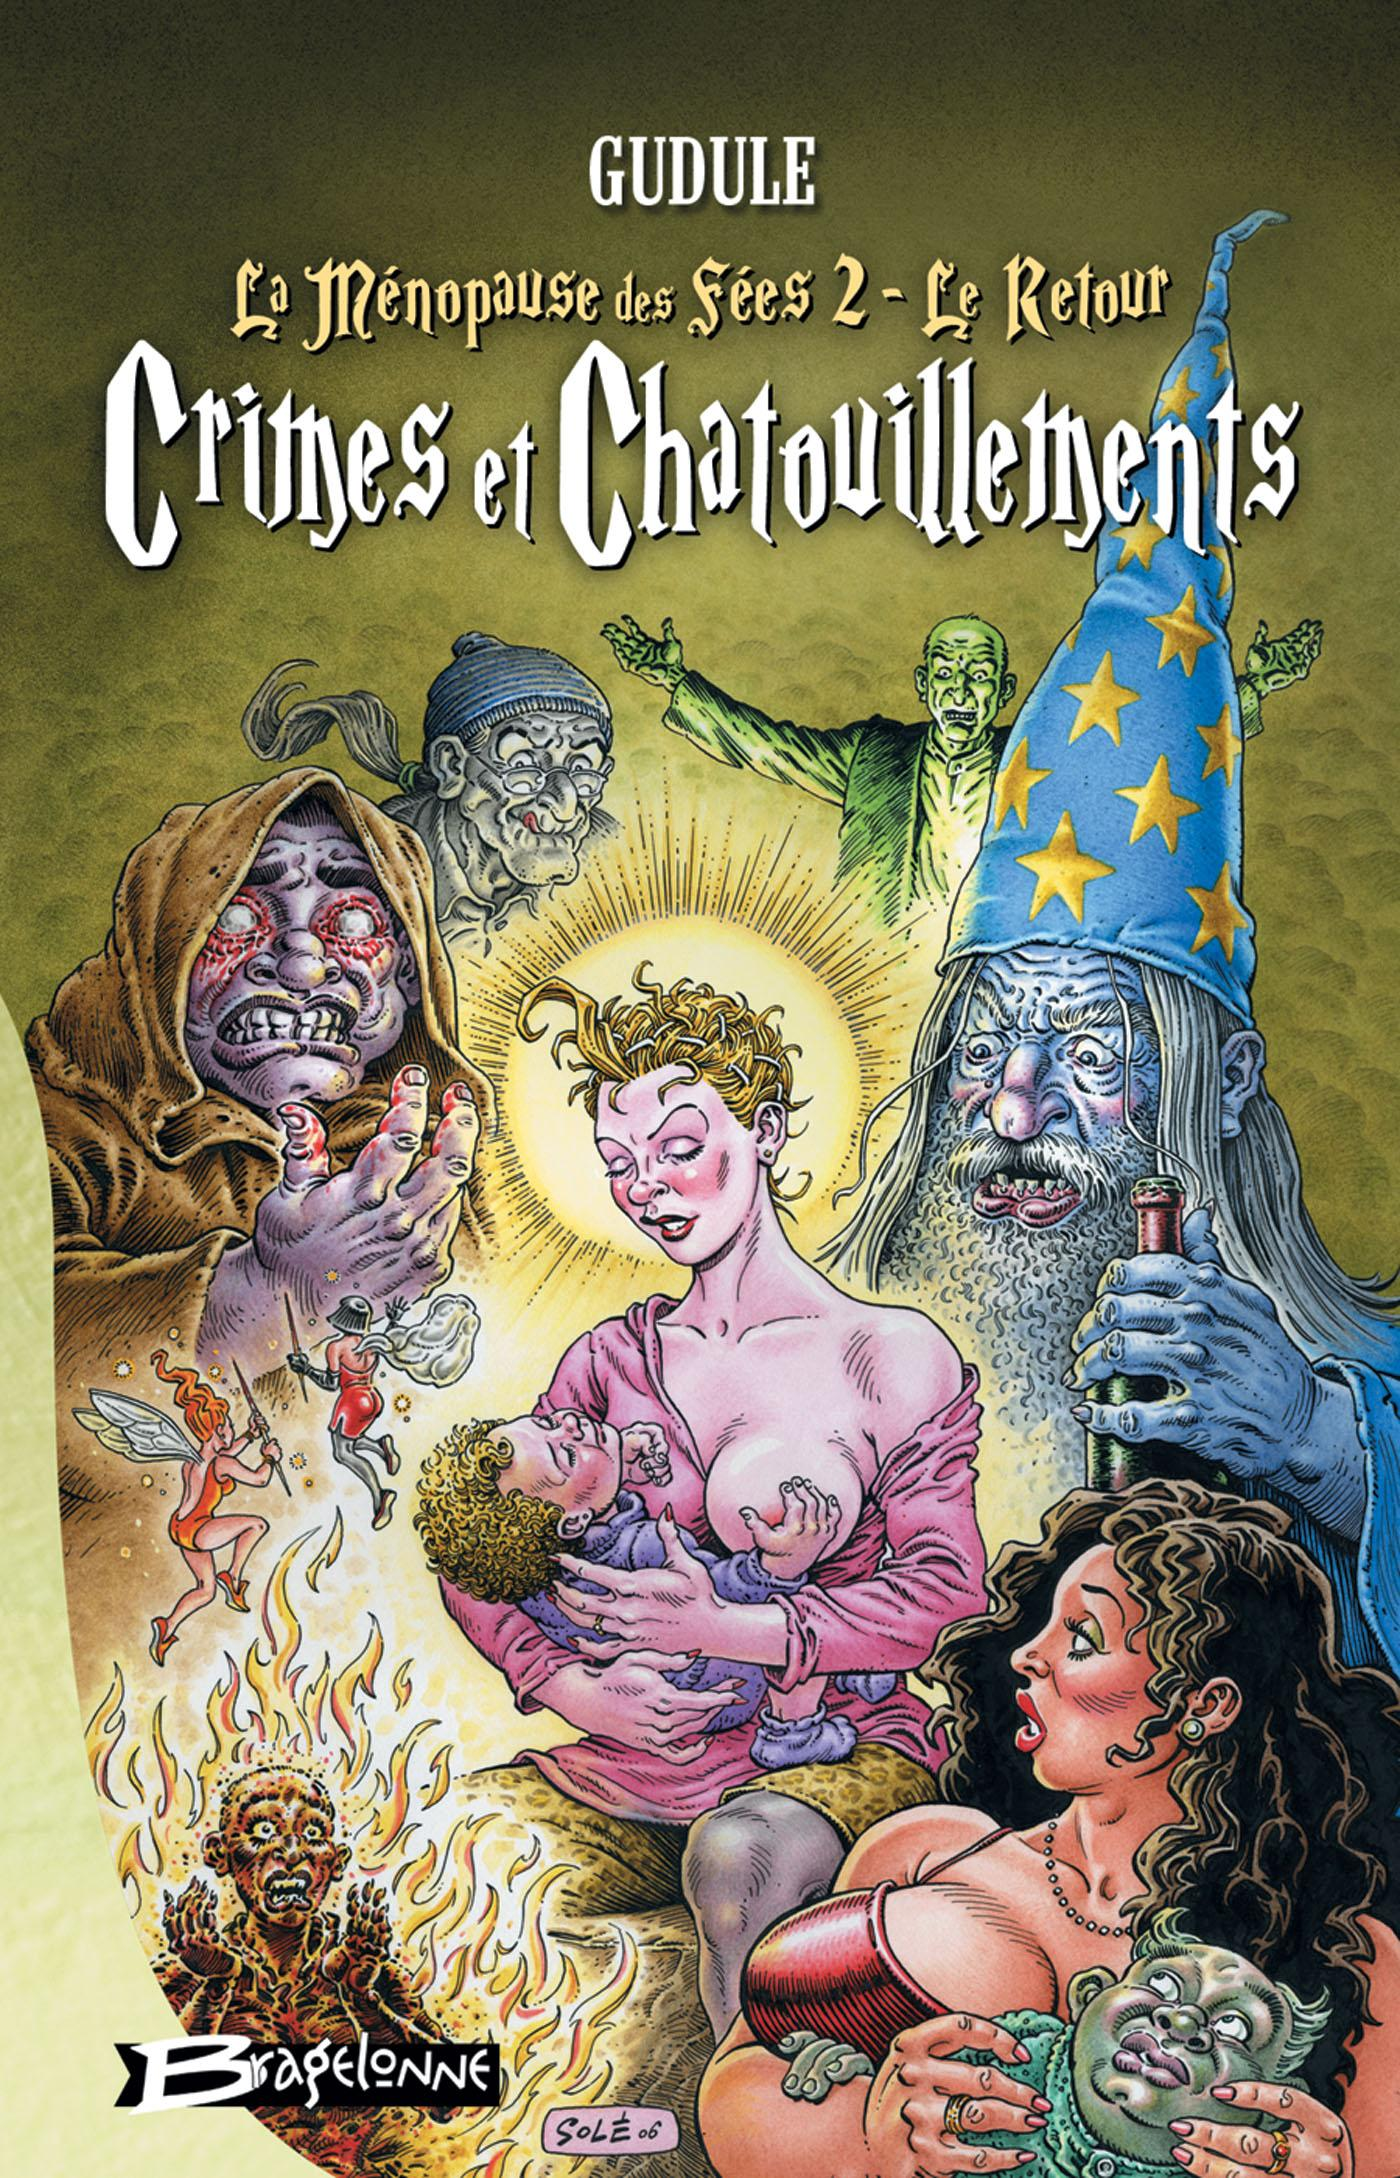 Crimes et Chatouillements (La Ménopause des fées 2, le retour), LA MÉNOPAUSE DES FÉES, T2